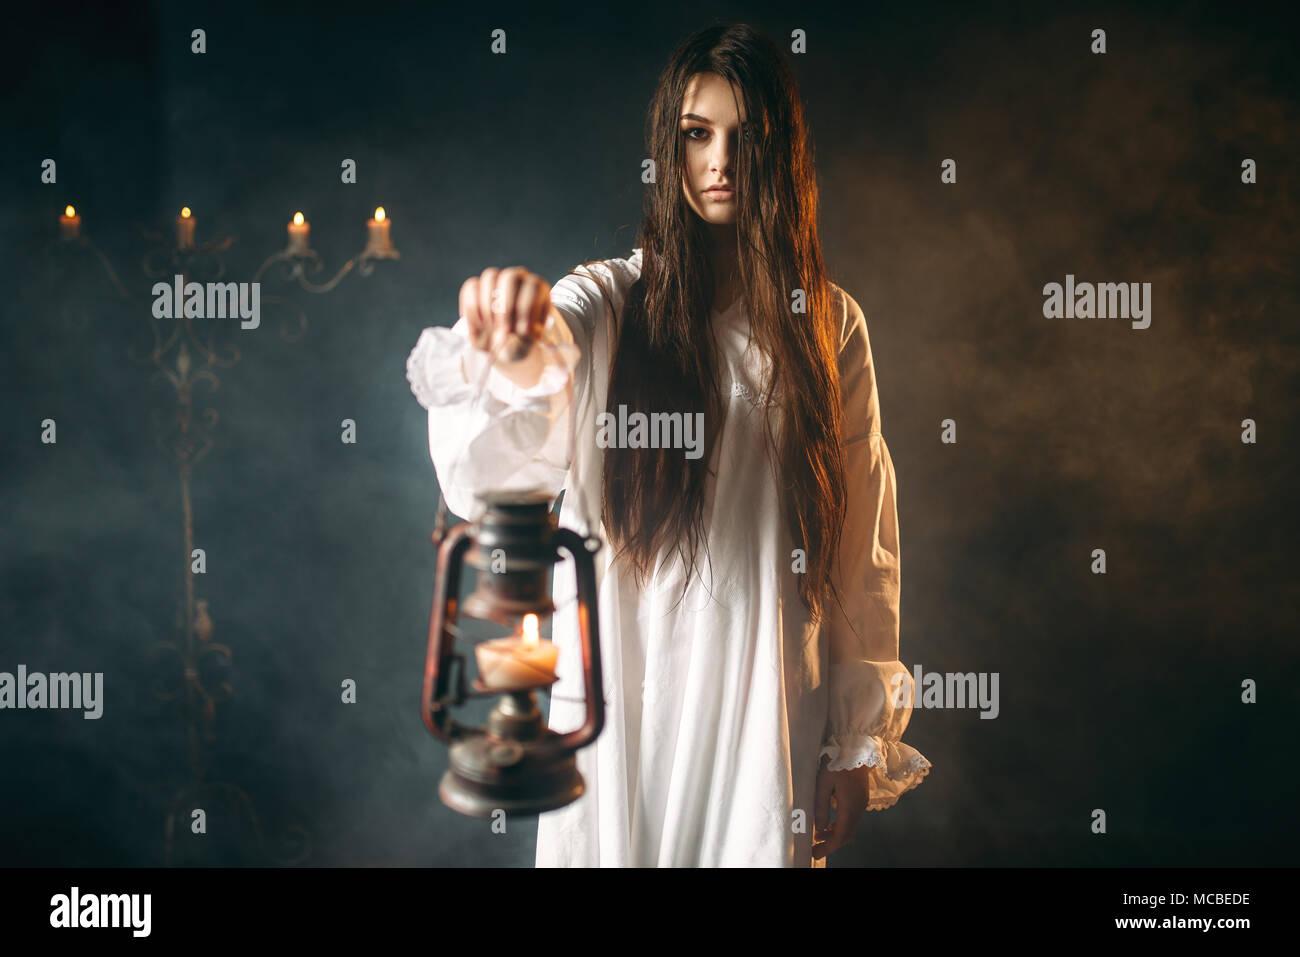 Female person holds kerosene lamp, dark magic - Stock Image